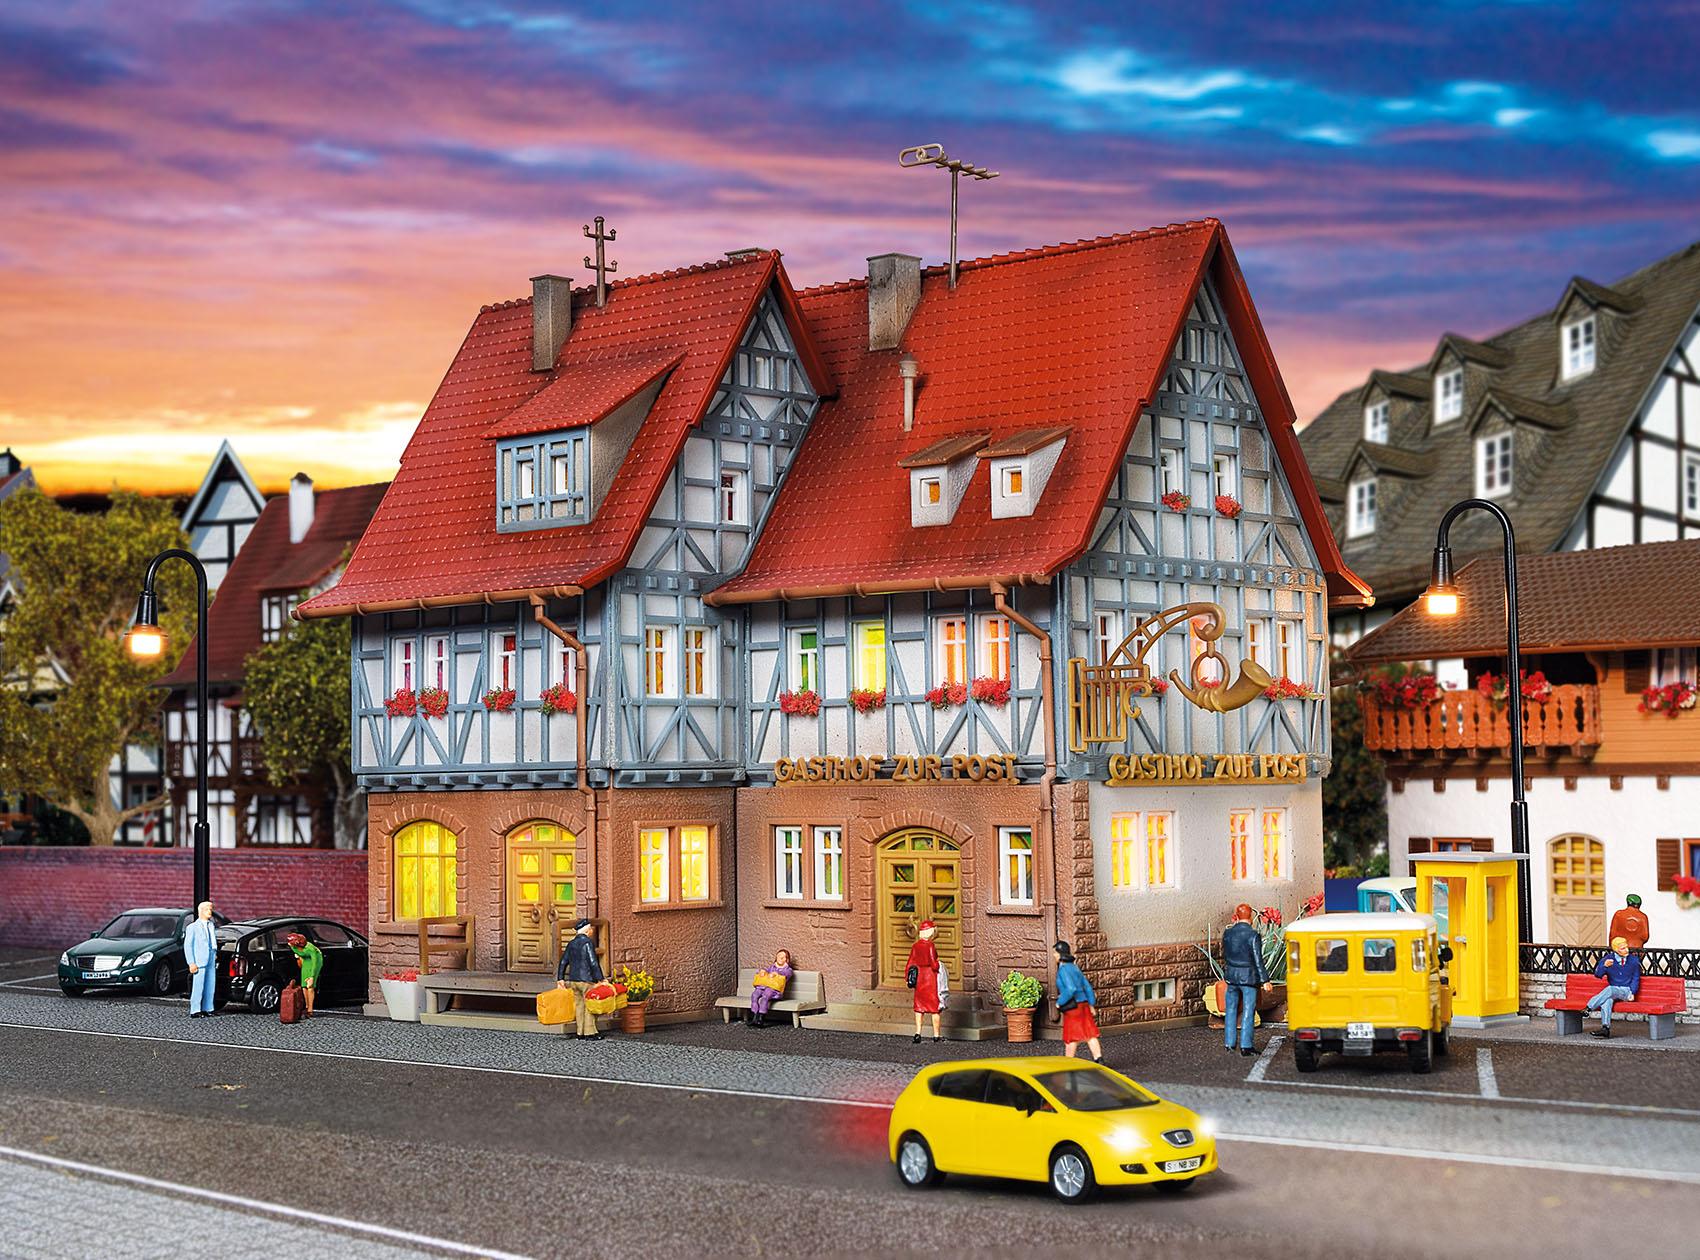 Vollmer 43637 H0 Gasthof zur Post mit LED-Beleuchtung,Funktionsbausatz